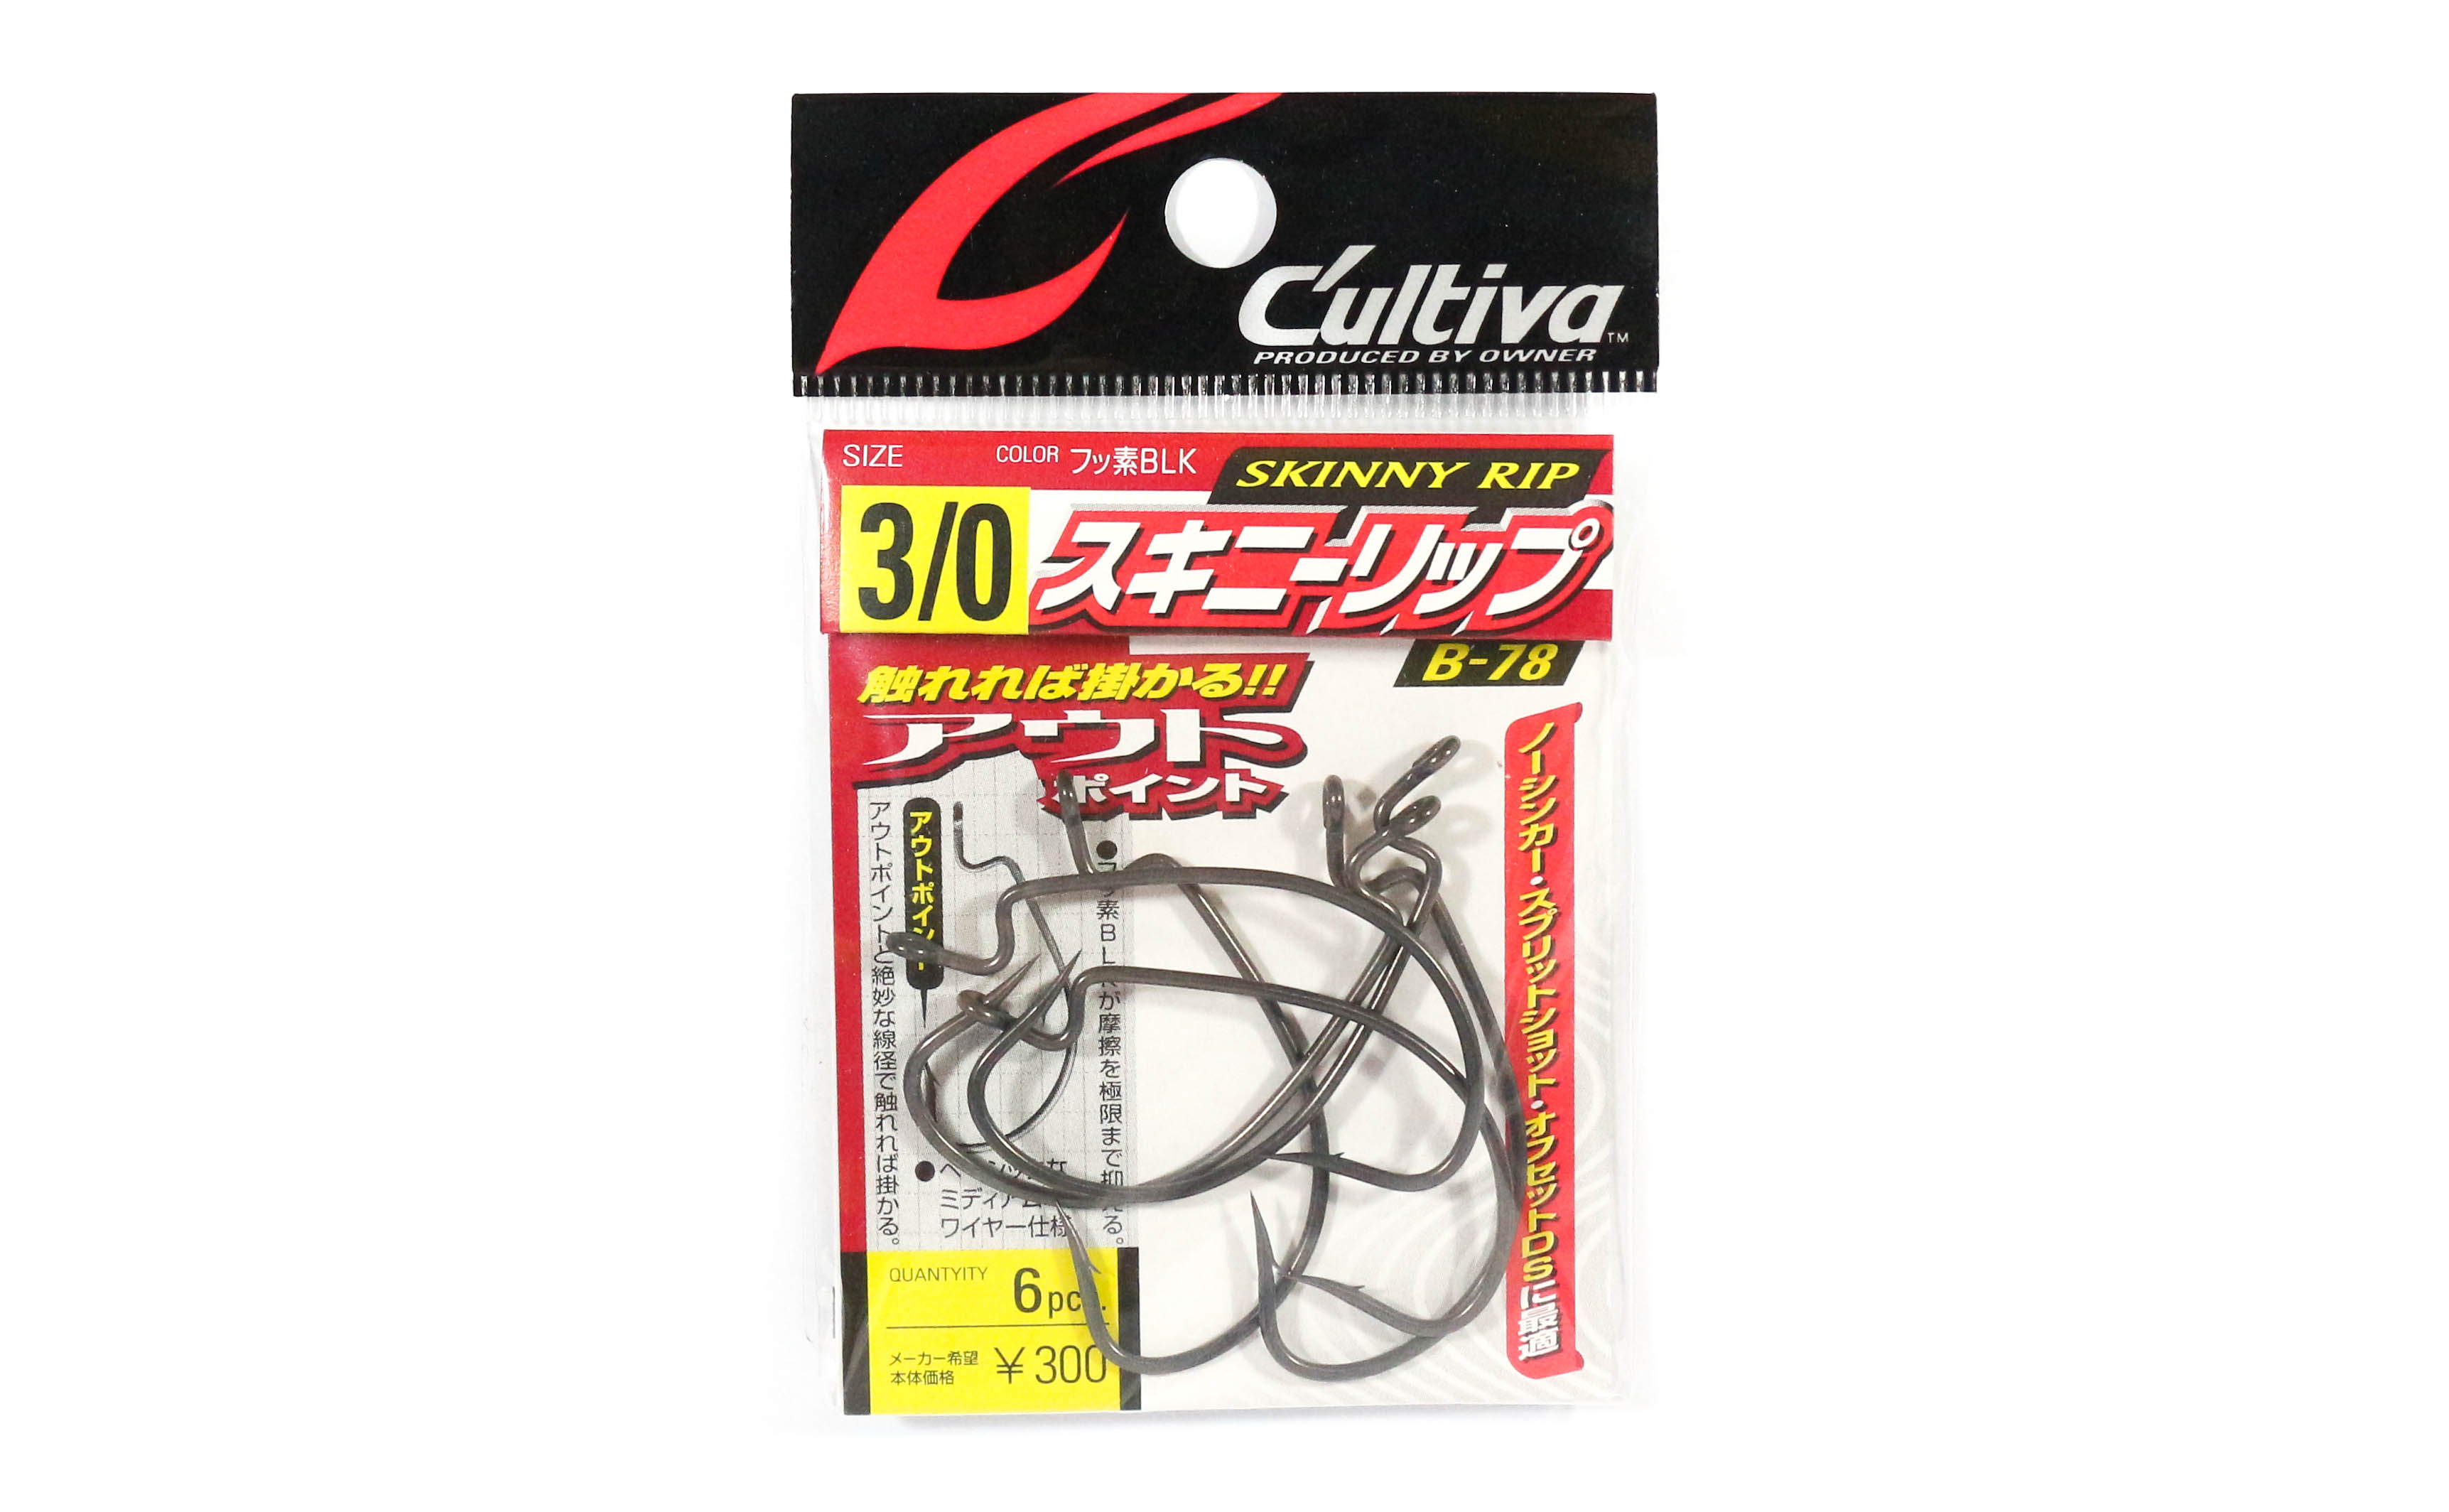 Owner B-78 Worm Hook Skinny Rip Slim Hook Size 3/0 (0329)